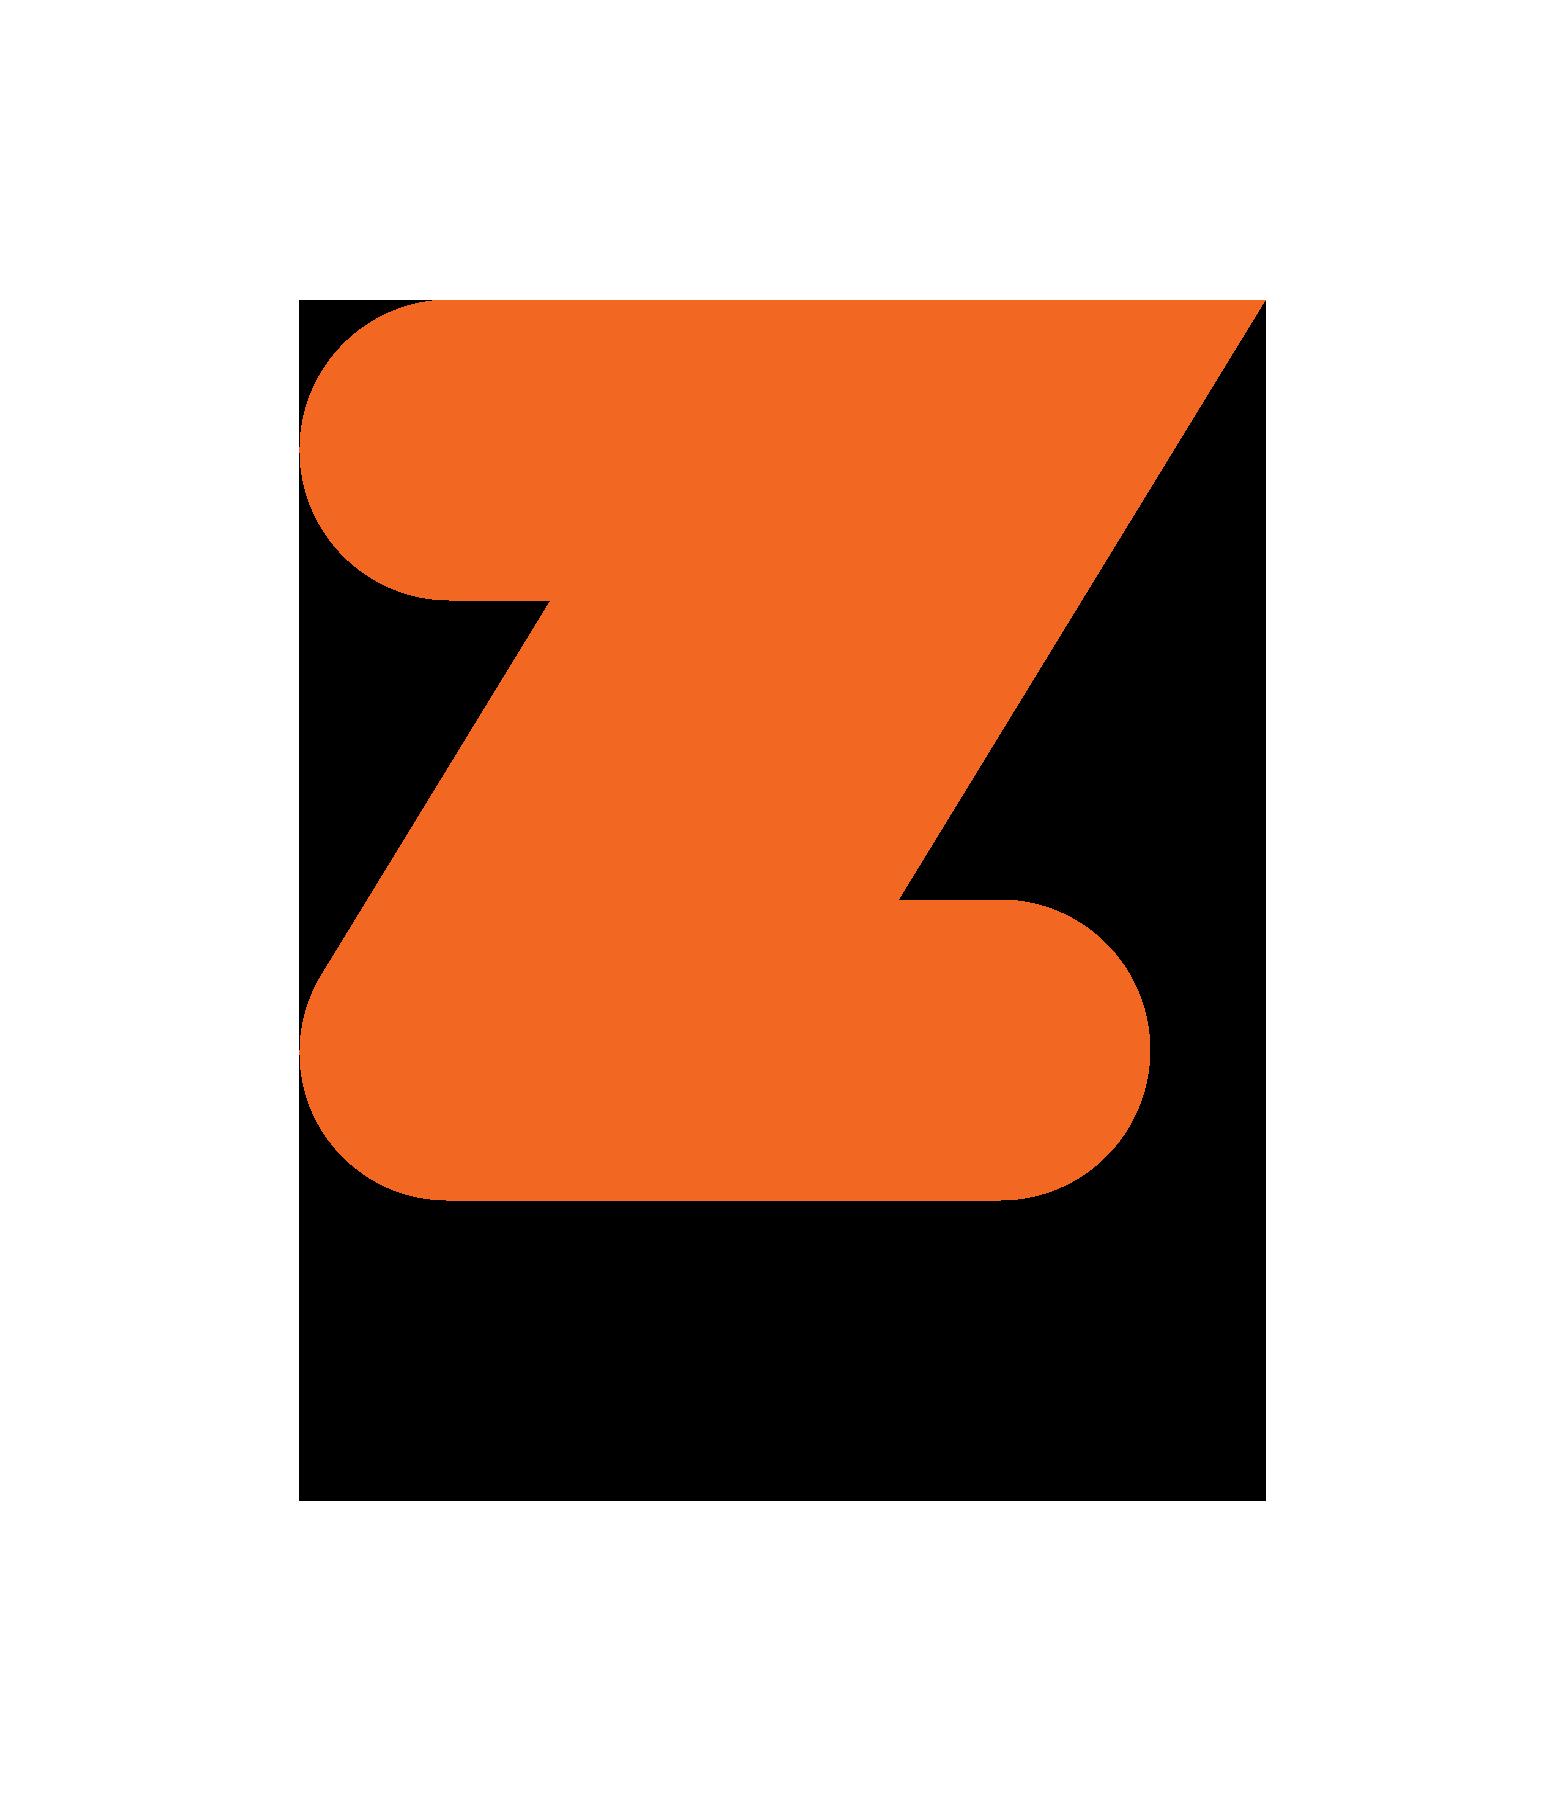 Zwift's logo